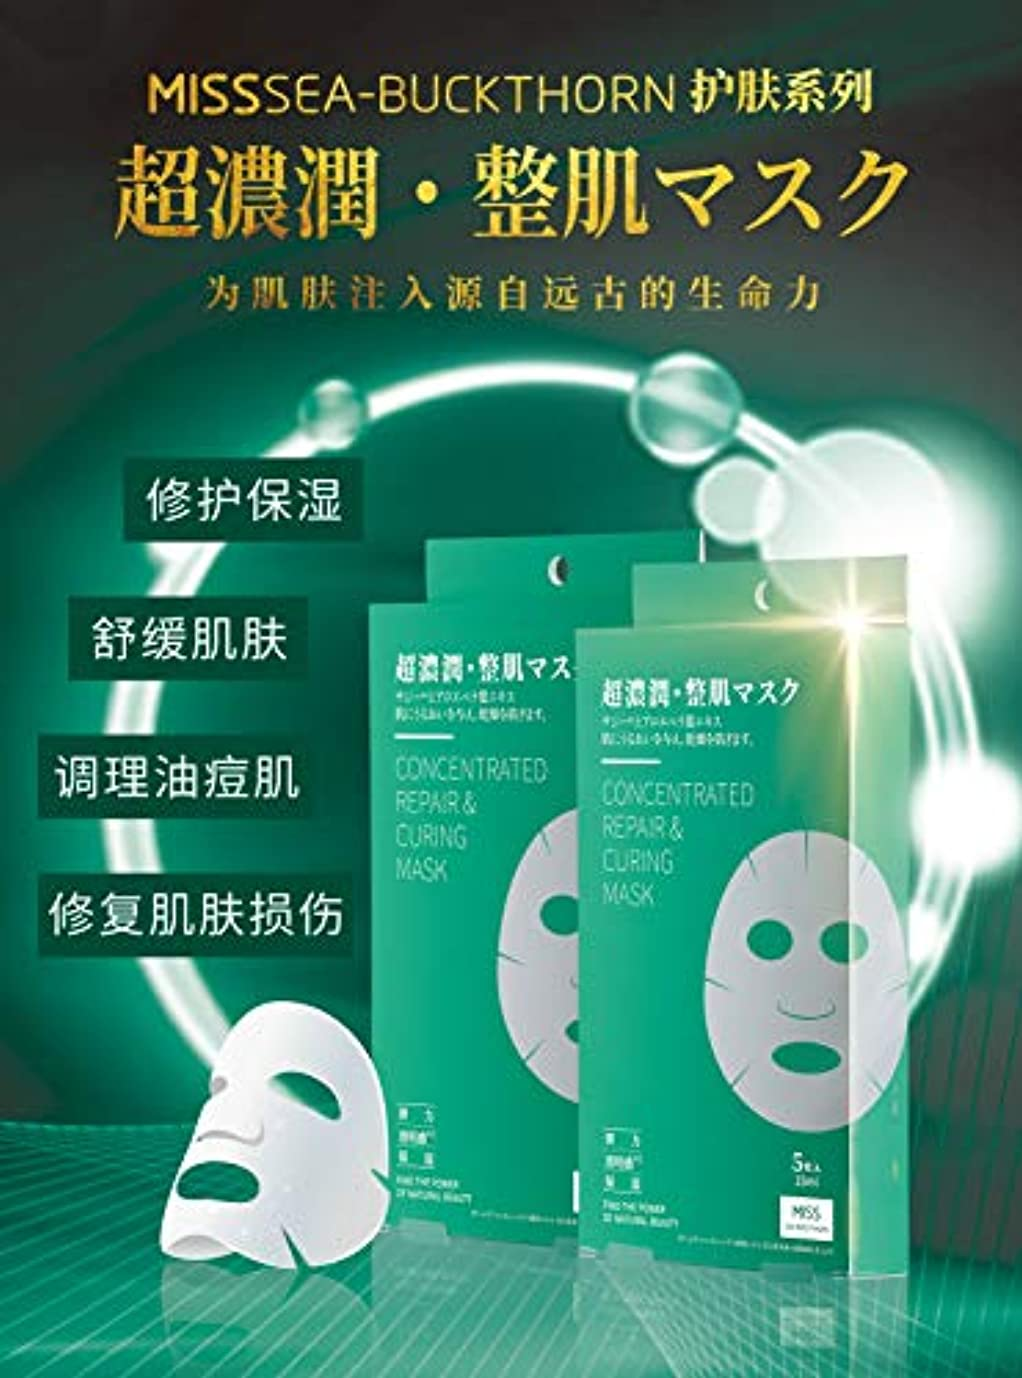 役員紳士気取りの、きざな発生超濃潤?整肌マスク 25ml×5枚入 (green)